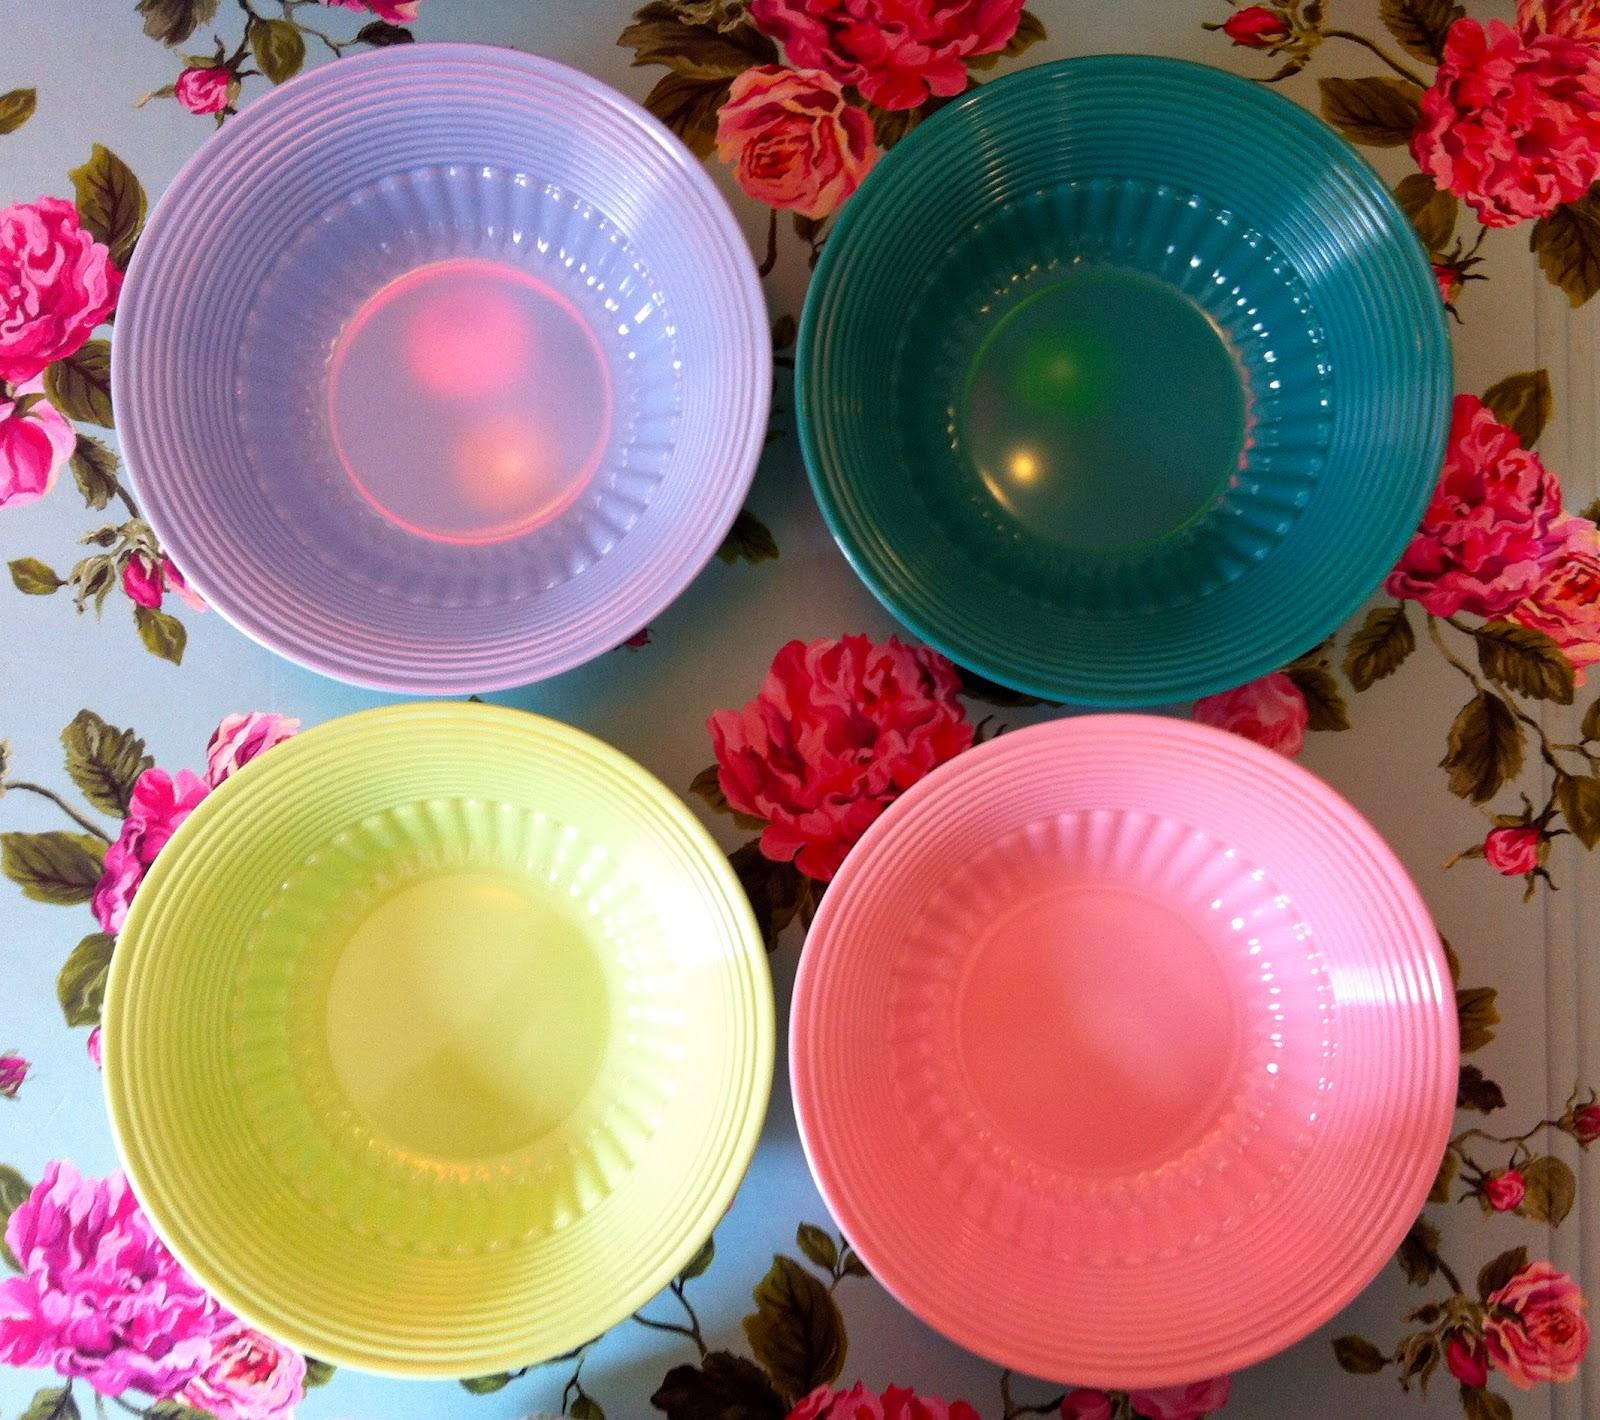 Butik Chador: Super søde melamin skåle i fine farver fra Notre Dame